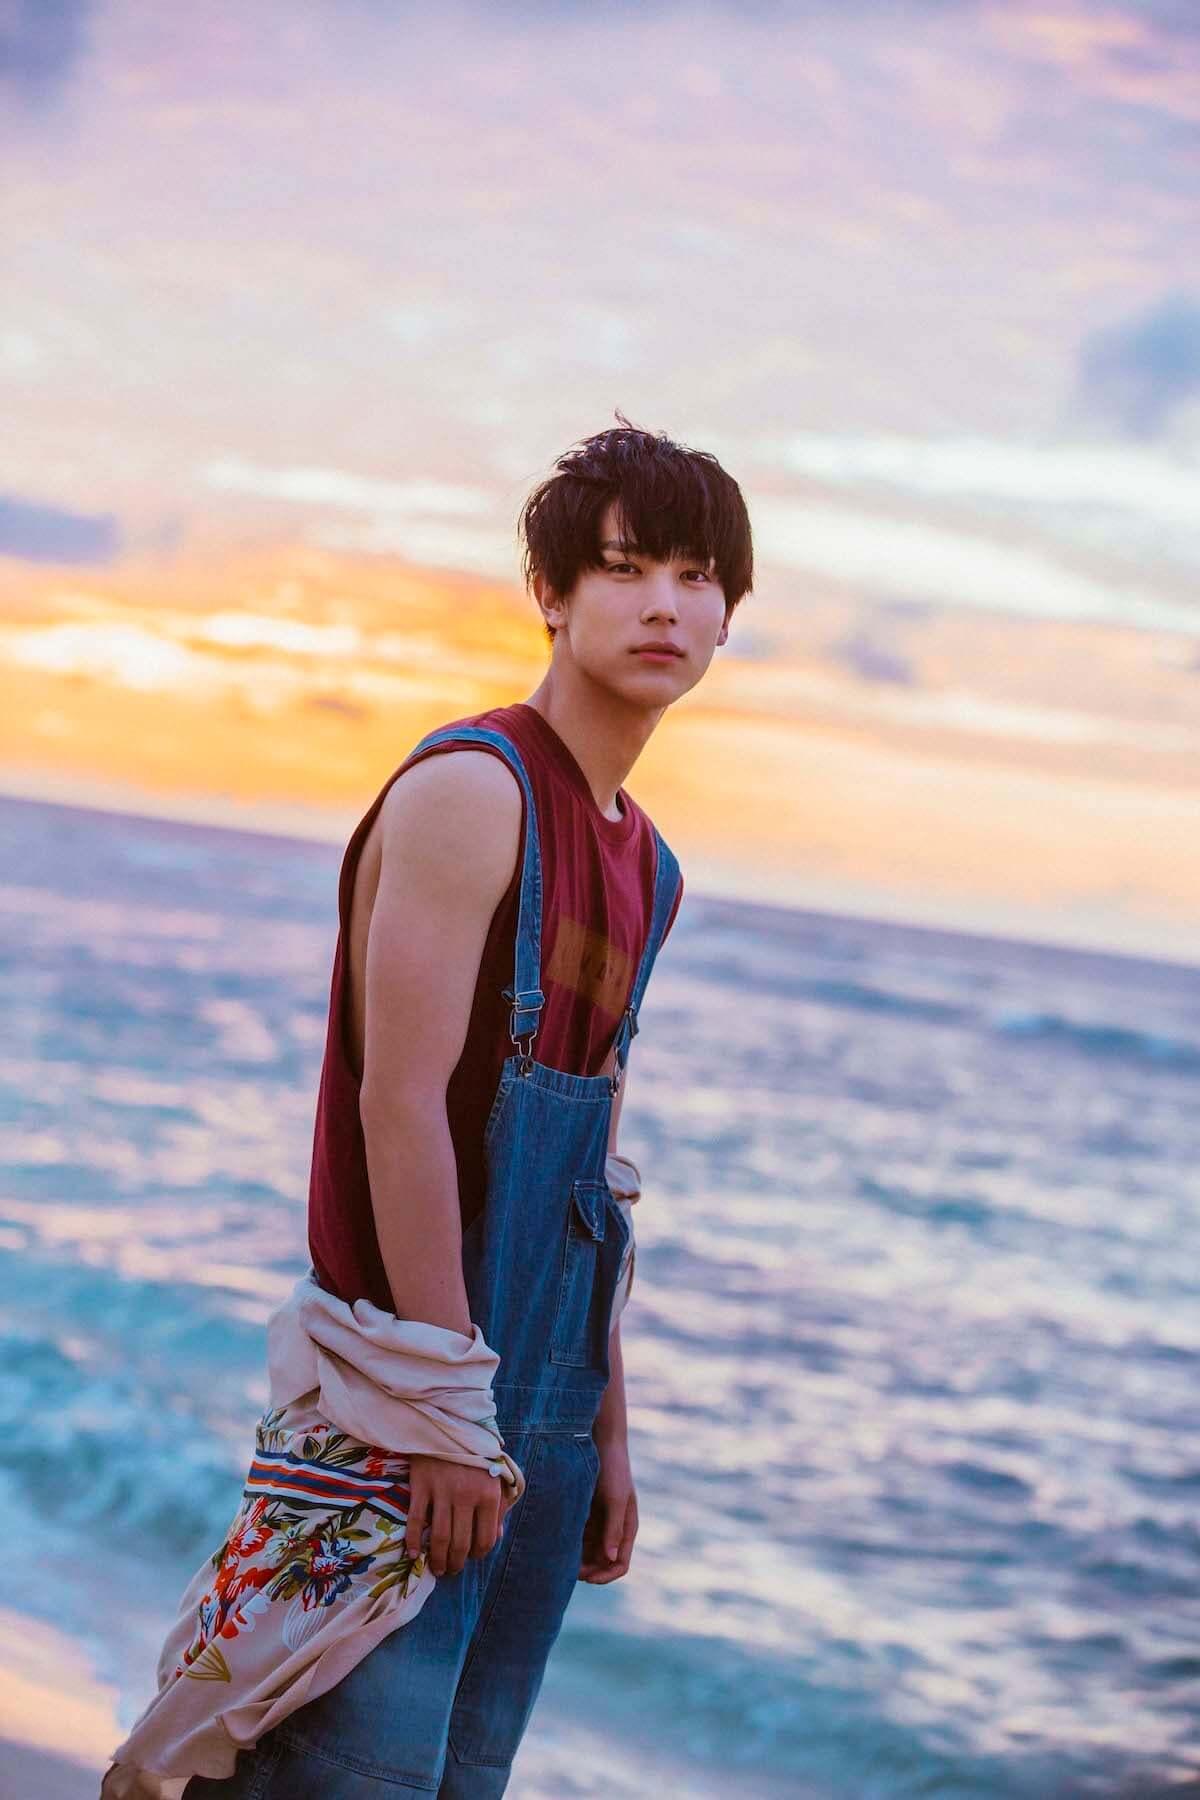 ドラマ『花晴れ』で天馬役を好演!中川大志、二十歳の素顔がハワイで撮影! art181031_taishi-nakagawa_4-1200x1800